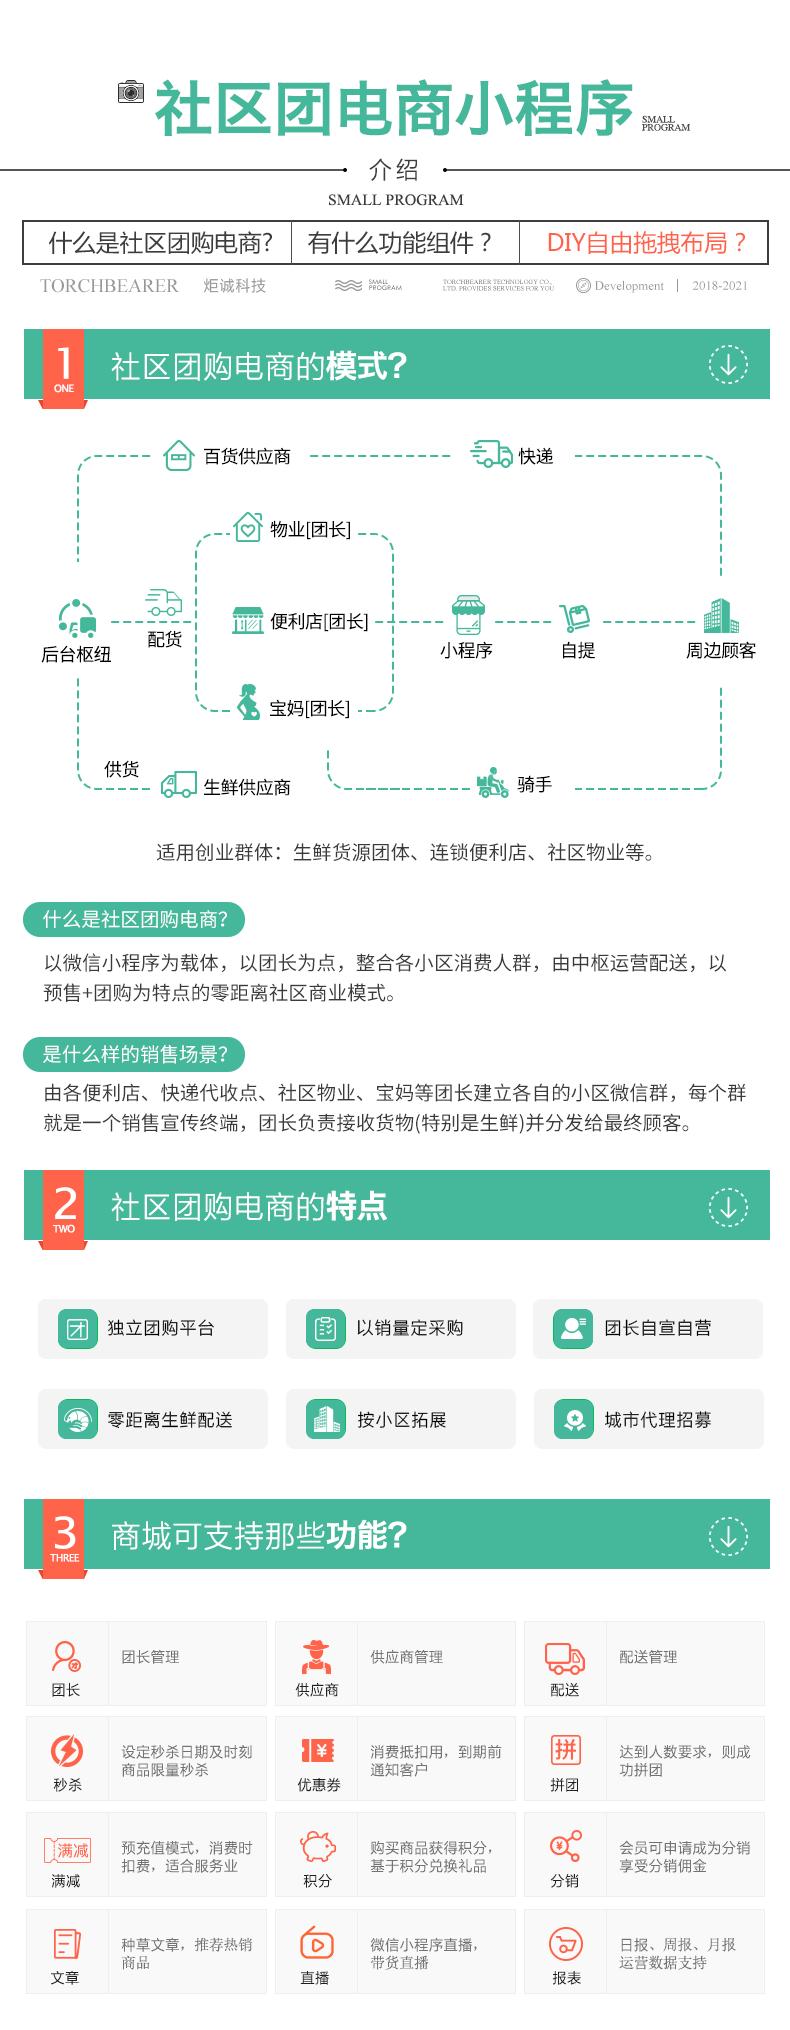 社区团购电商小程序_1